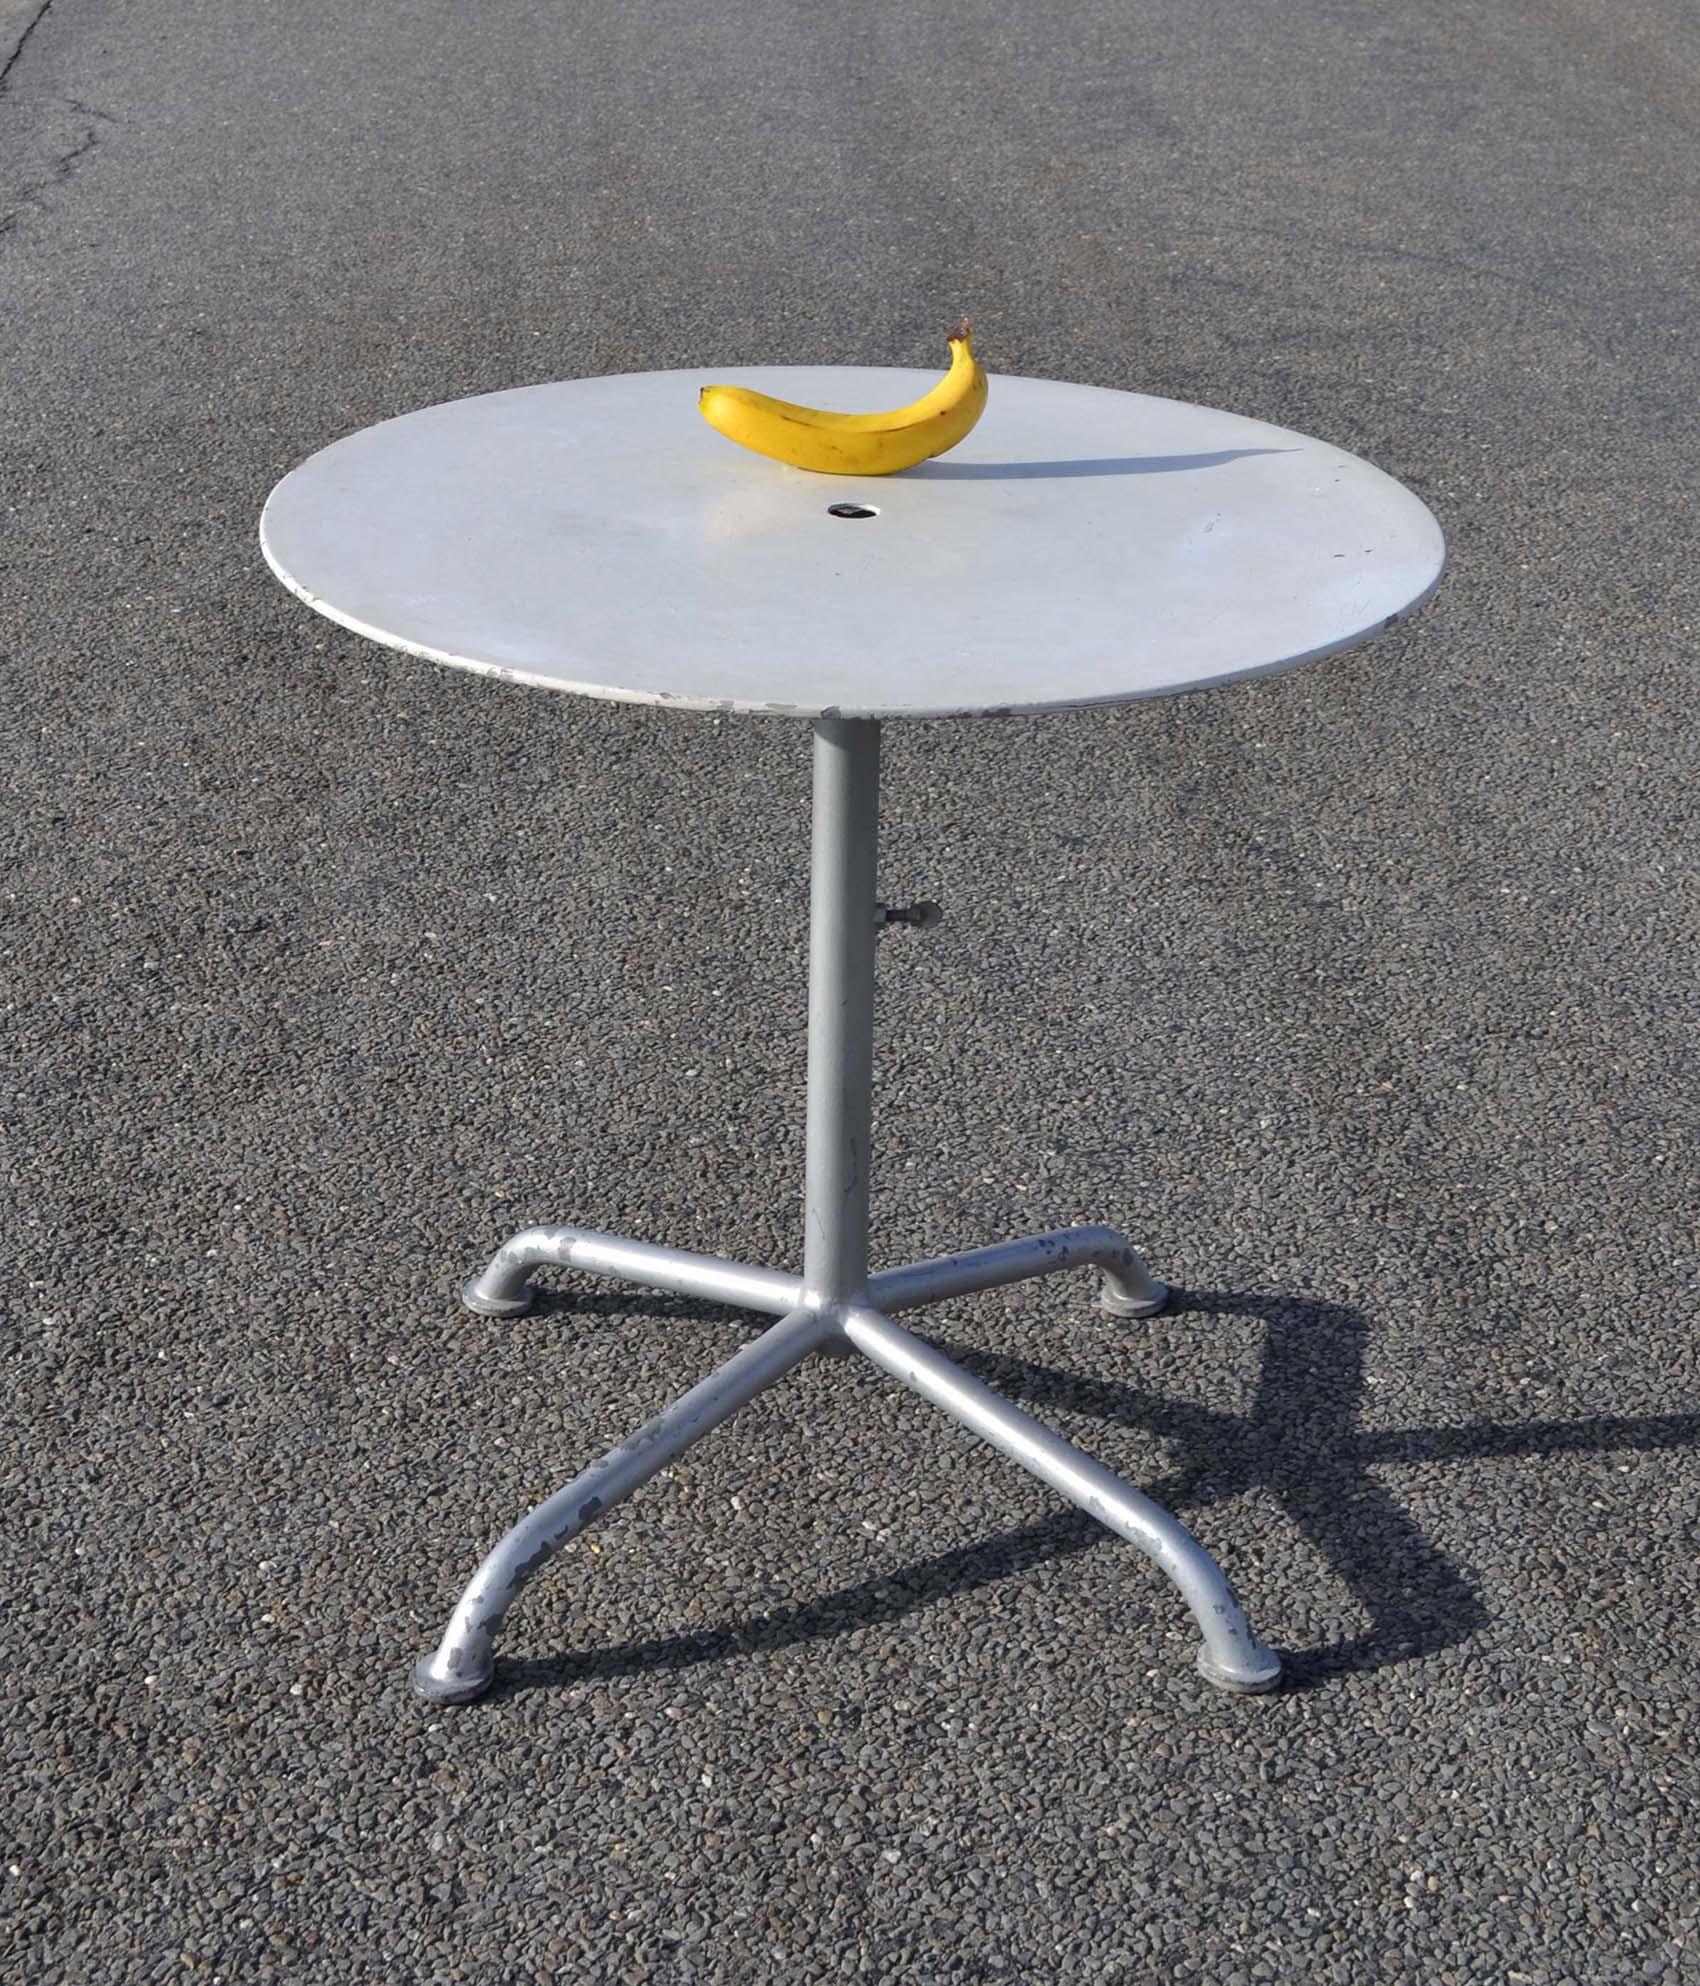 Table De Jardin Ronde Avec Trou Pour Parasol | Table De Jardin Ronde ...